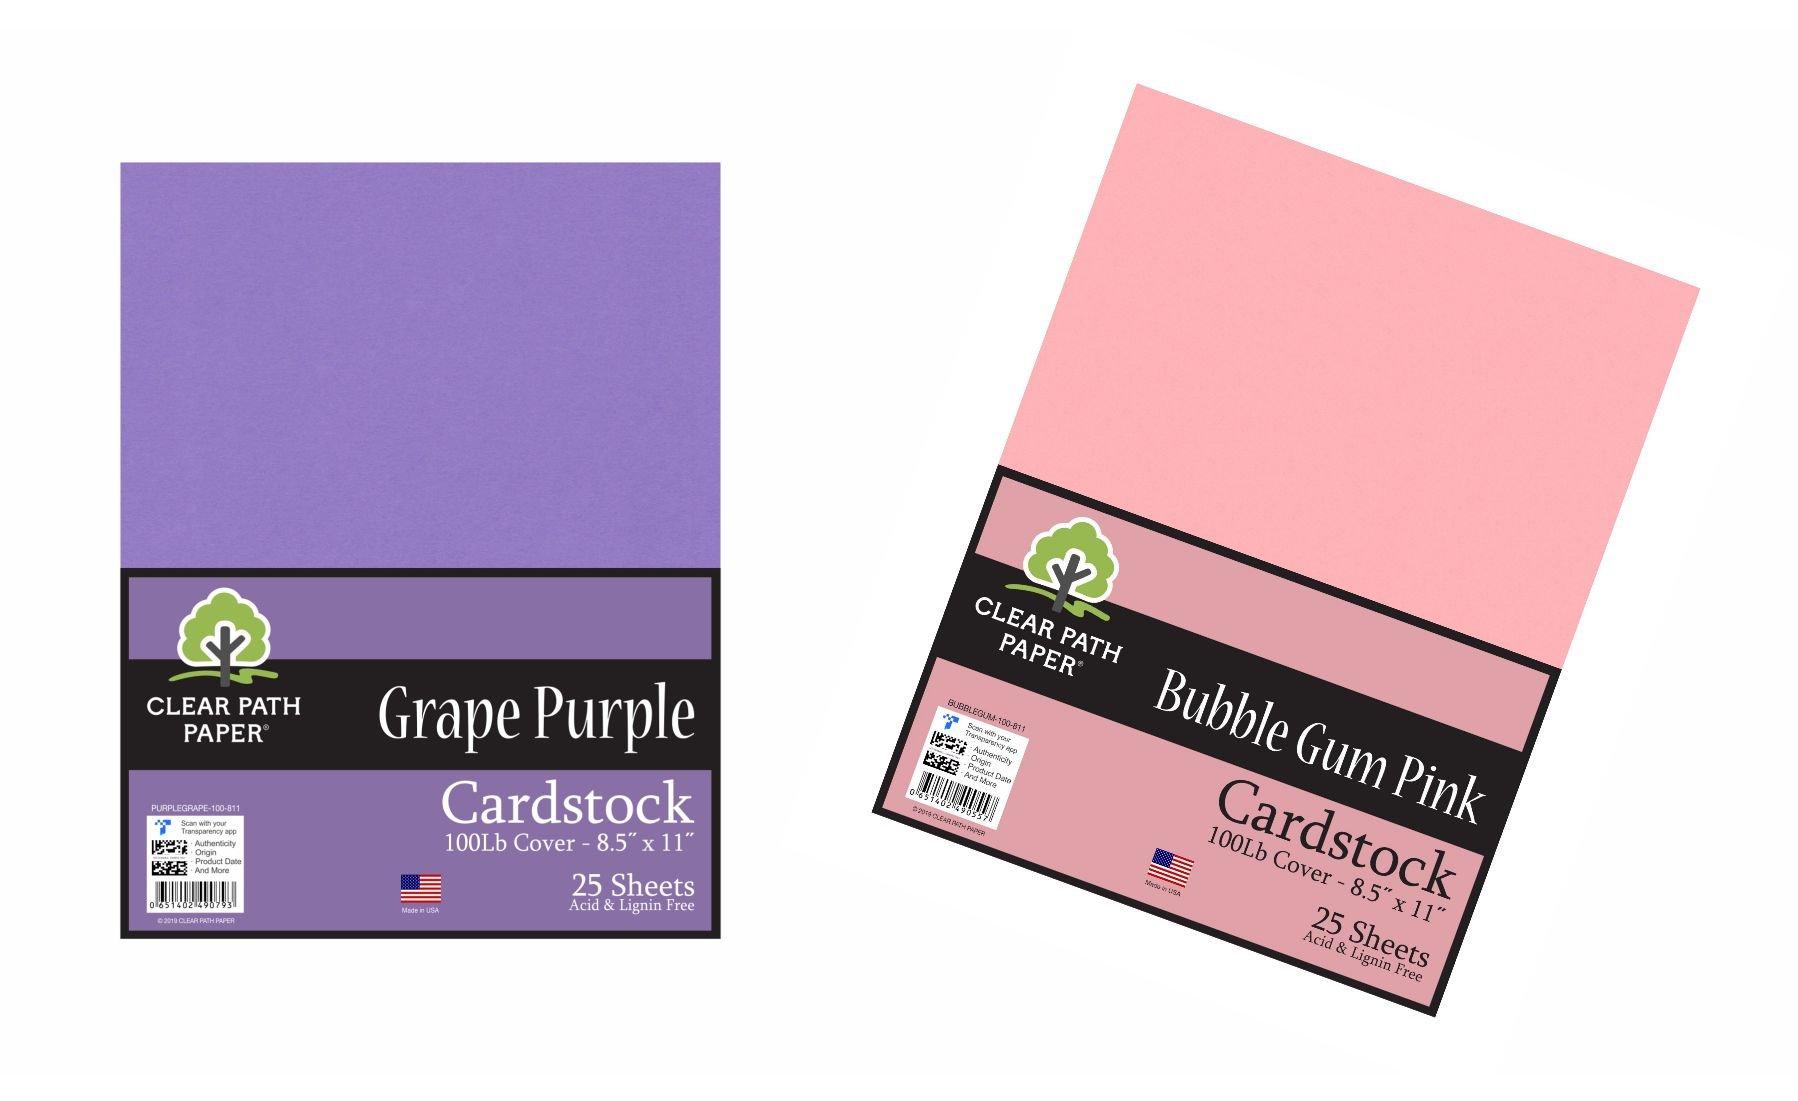 Image of the Grape Purple + Bubble Gum Pink Bundle